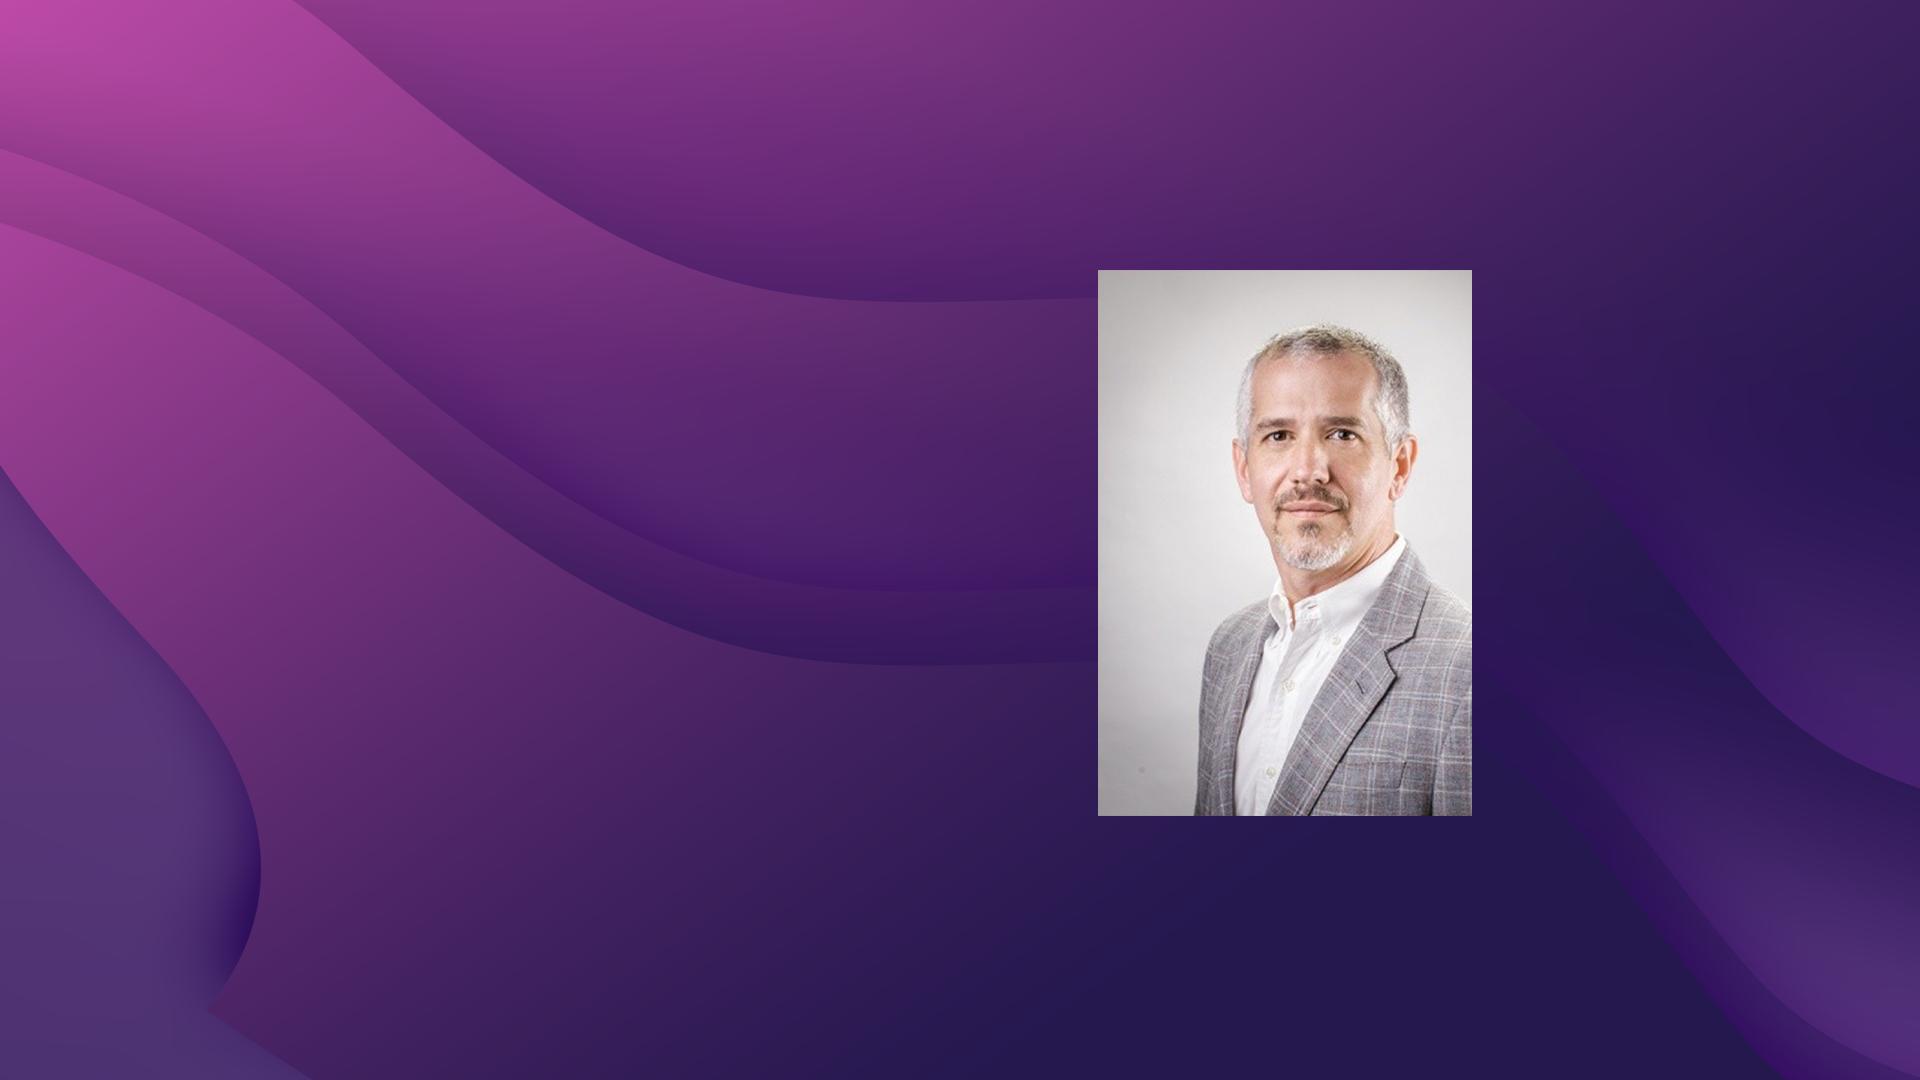 998: MagentoLive Europe 2019 – Jason Woosley